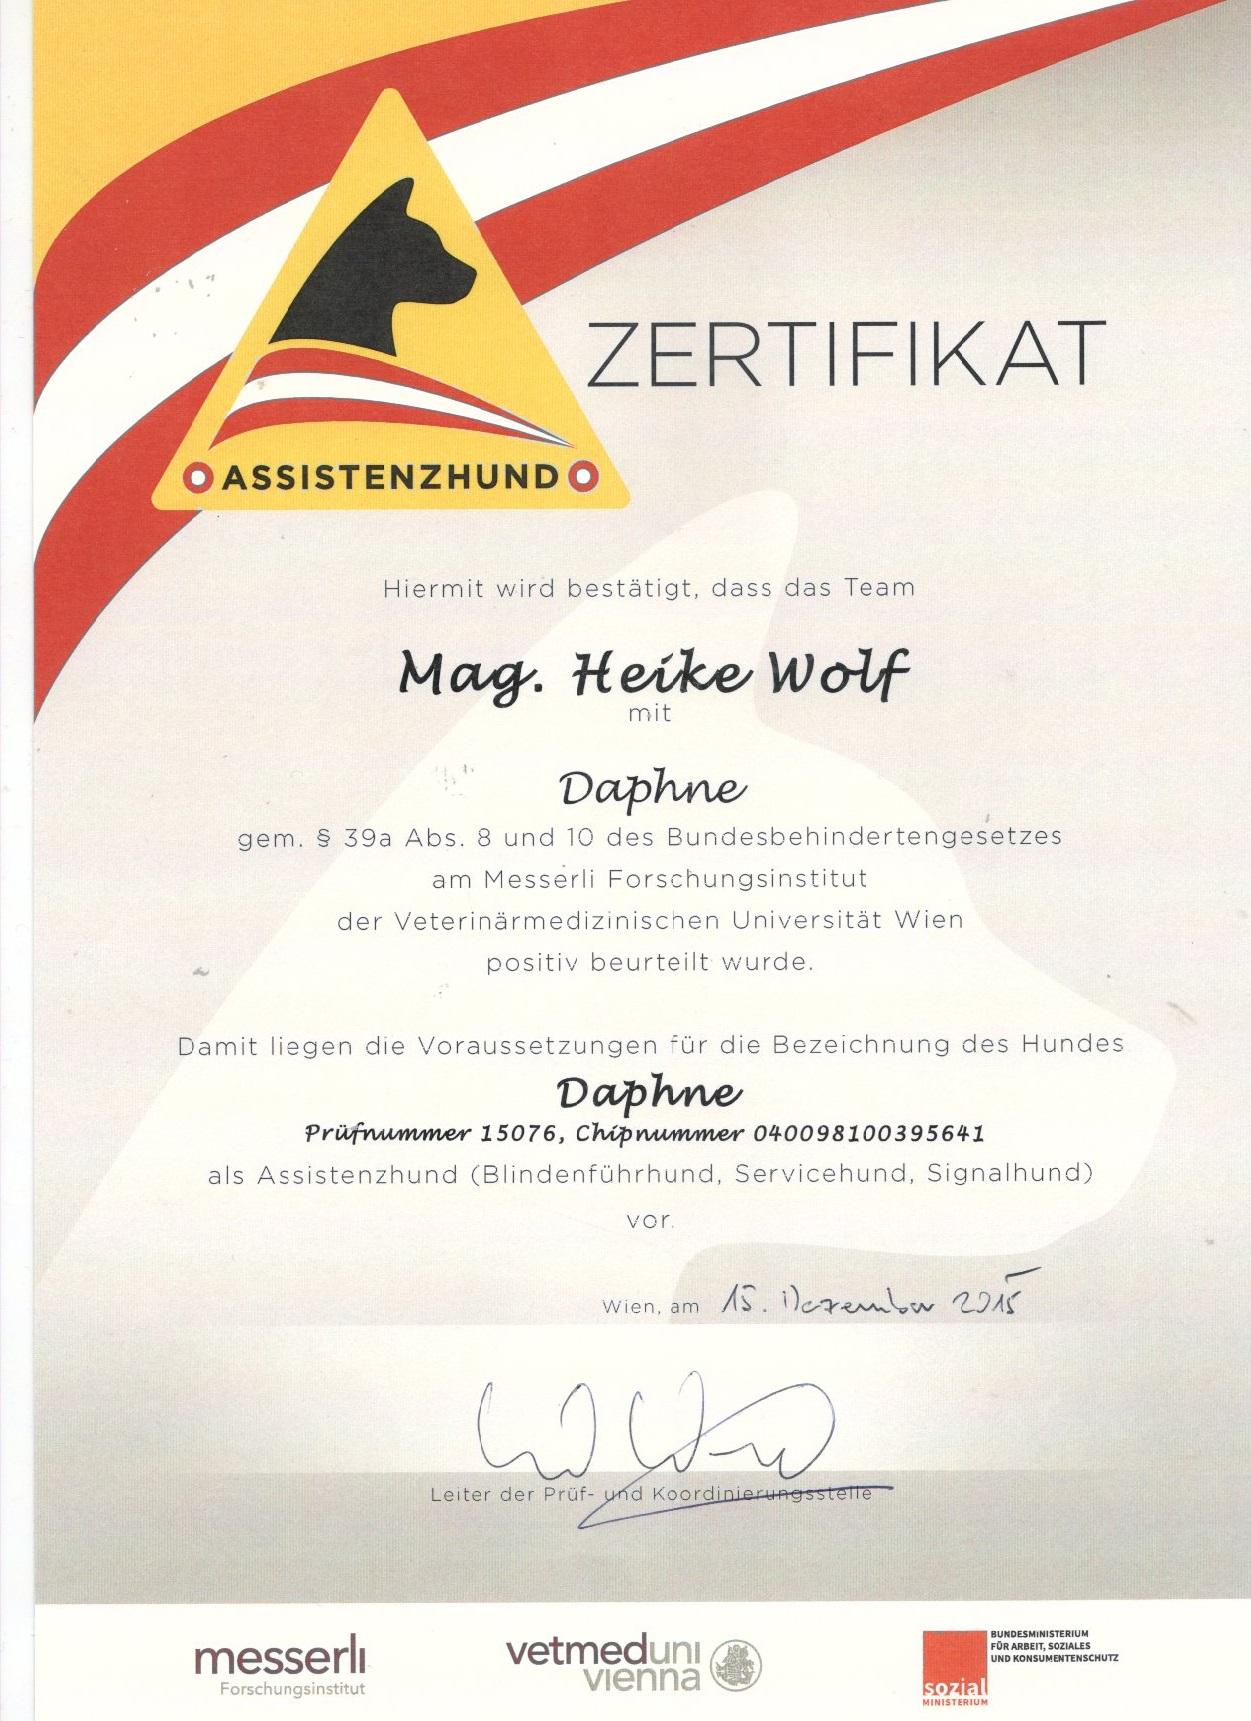 Asssitenzhund_Daphne